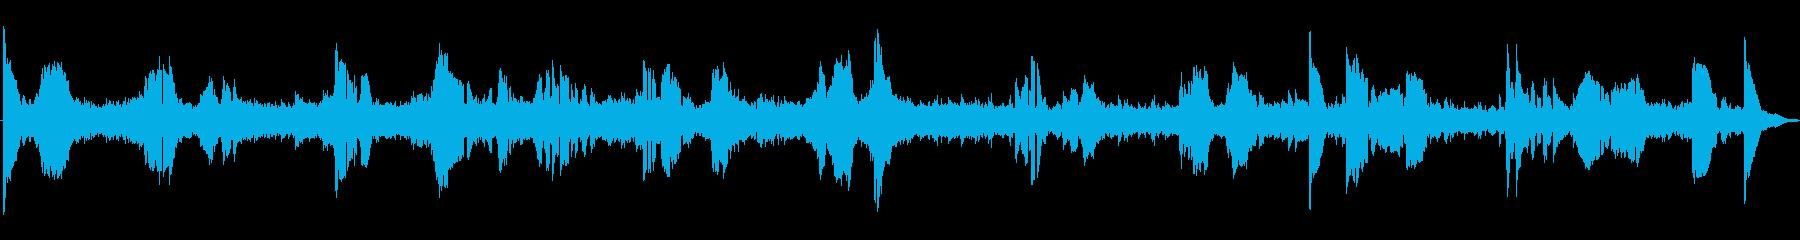 オーケストラ、ワールド、ミディアム...の再生済みの波形